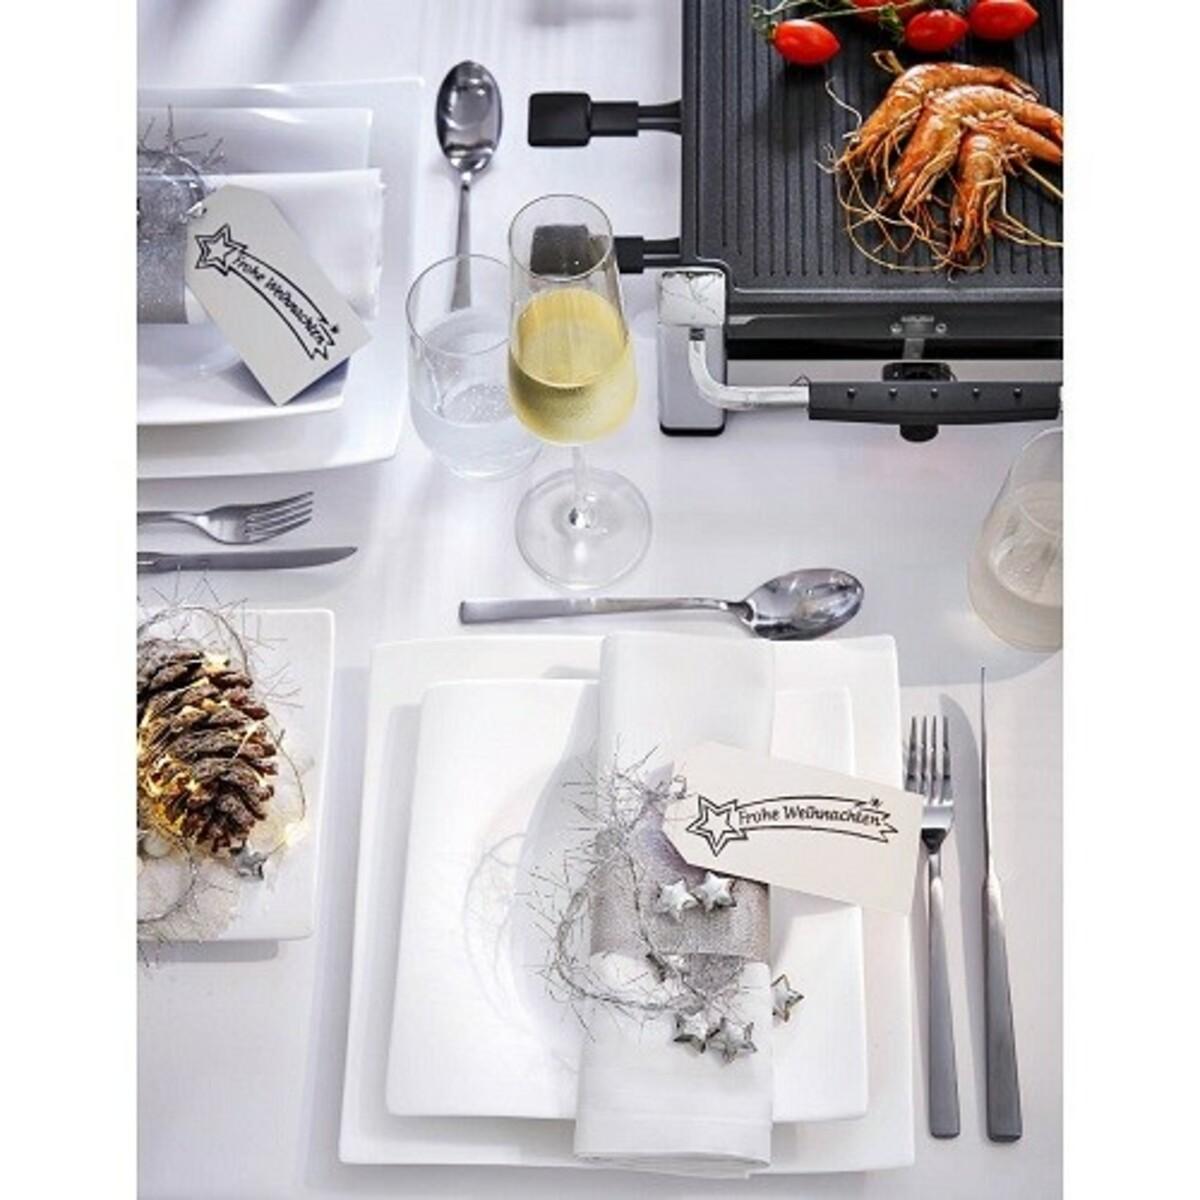 Bild 2 von Rommelsbacher Raclette Grill RCC 1500 Fashion | B-Ware - der Artikel ist neu - Verpackung beschädigt